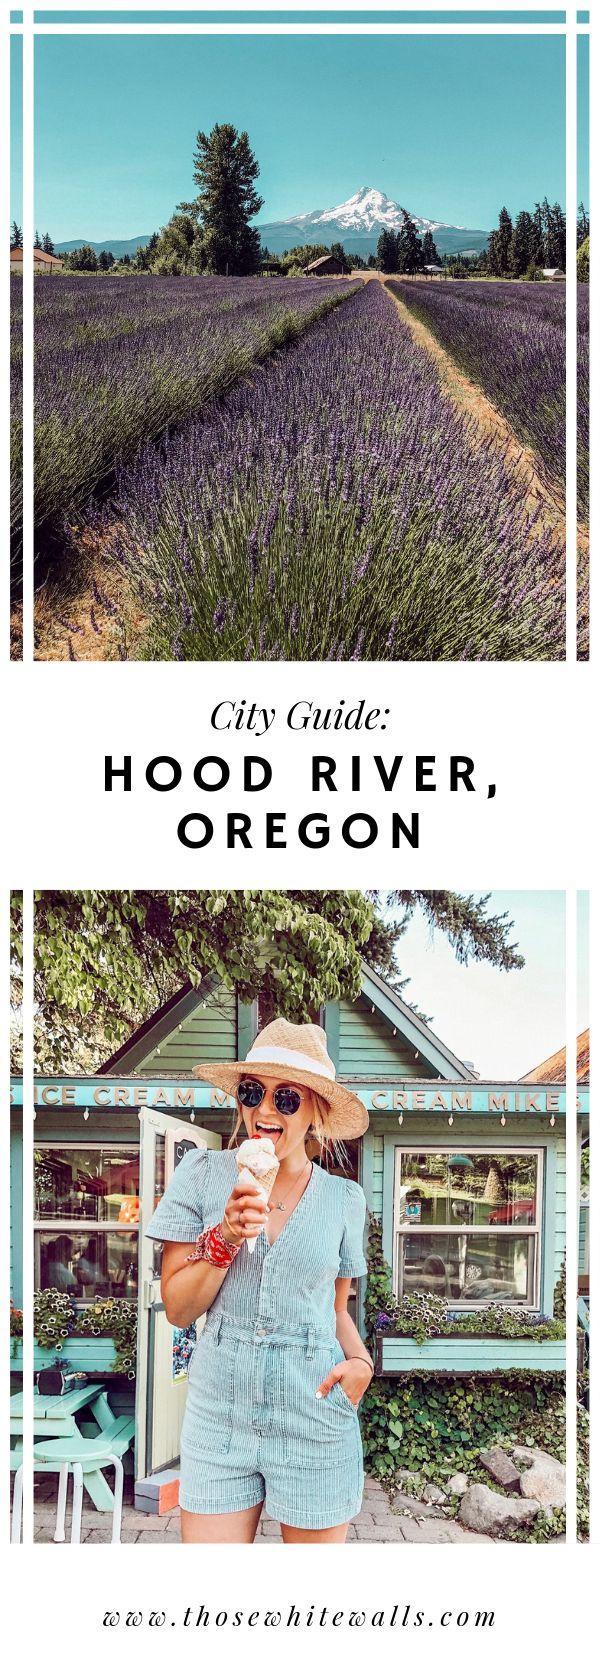 City Guide: Hood River, Oregon